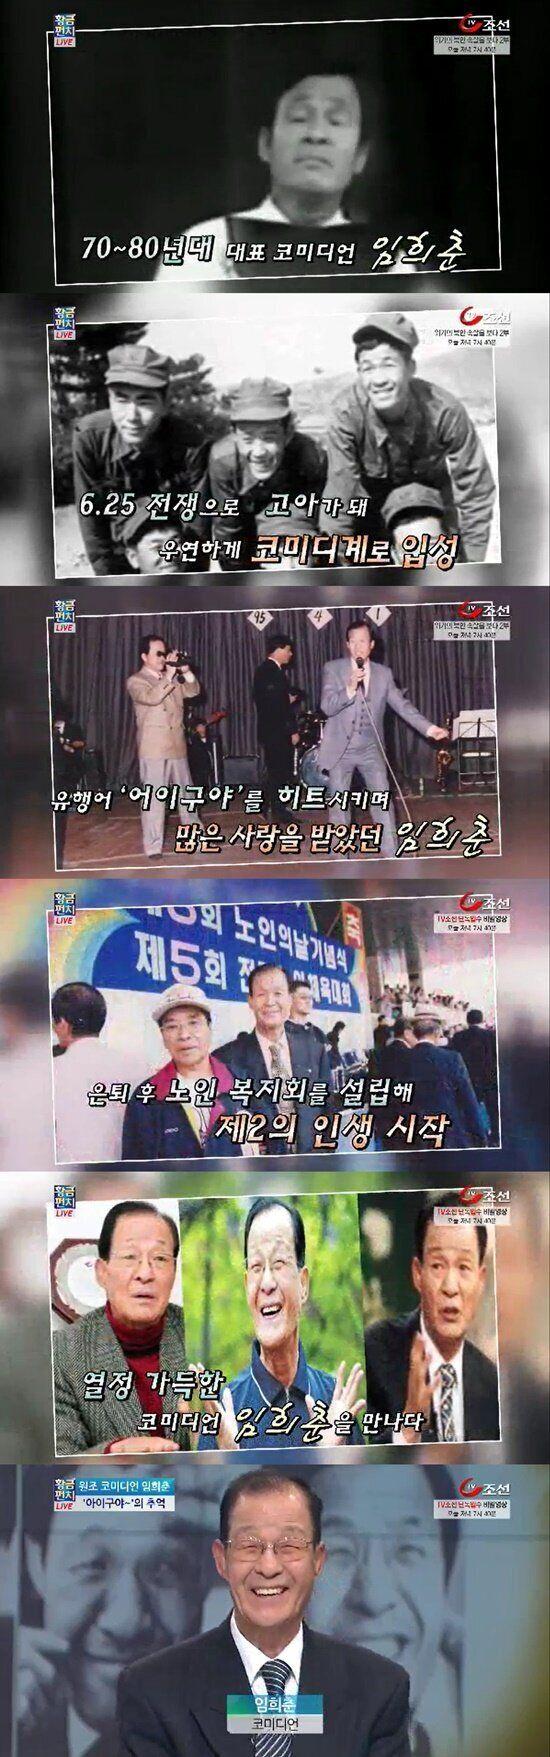 TV조선 '황금펀치' 방송 화면